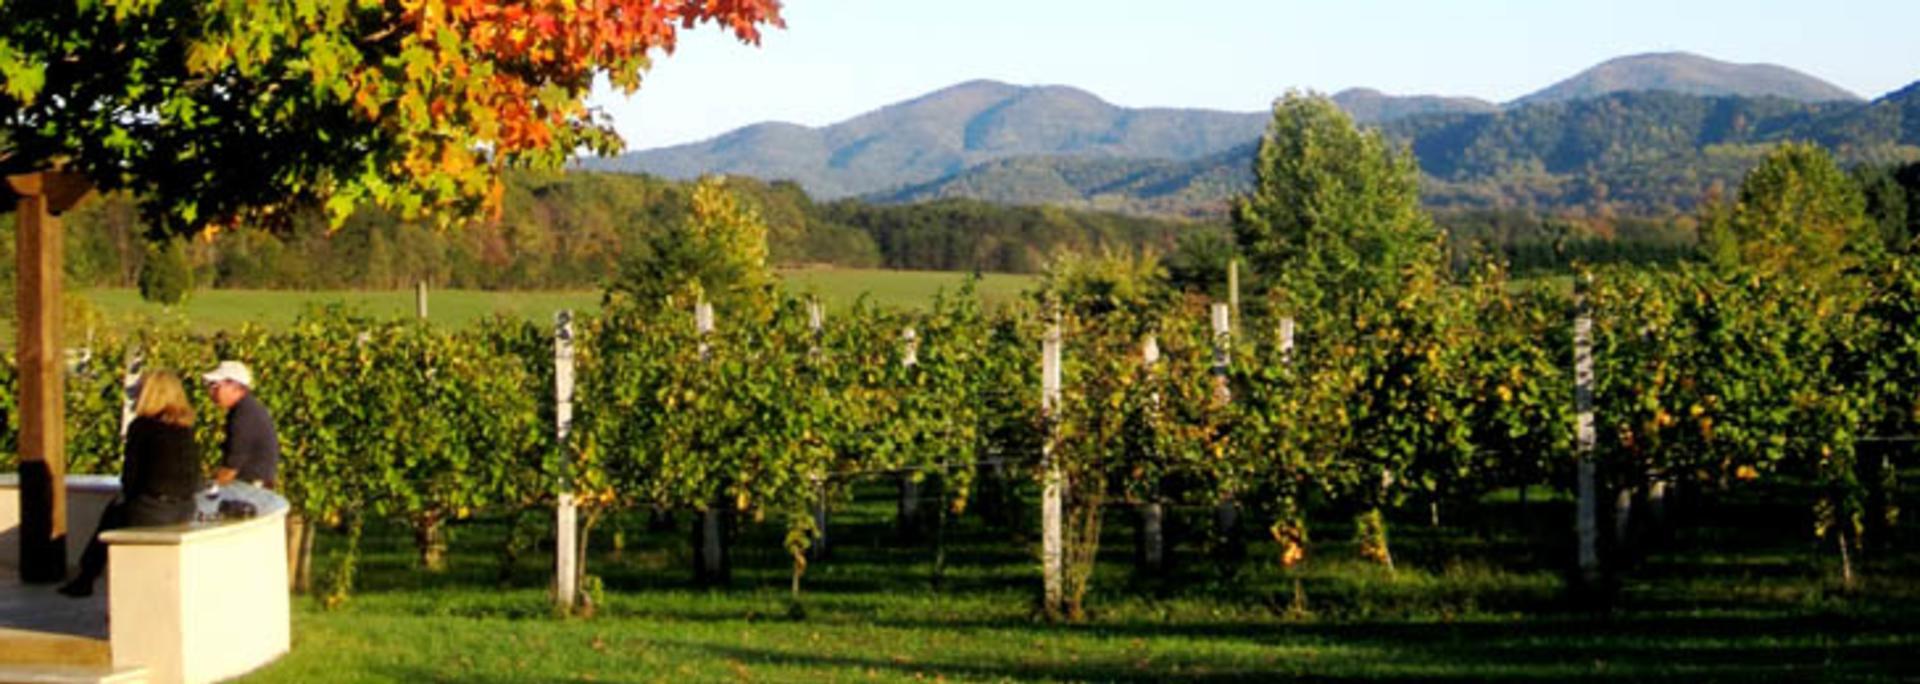 AA- Afton Mountain Vineyard